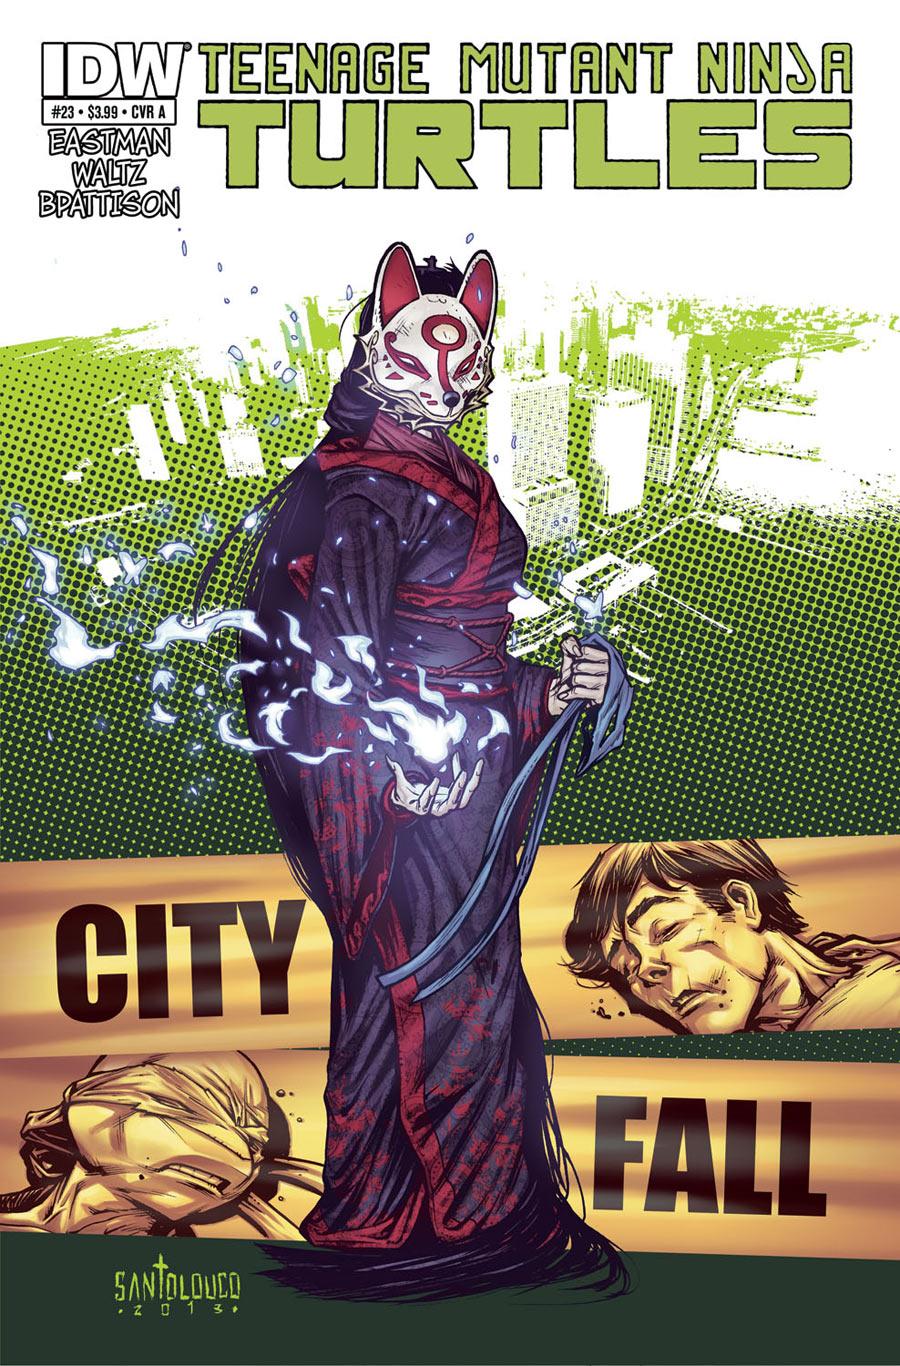 IDW TMNT #23 Cover by Mateus Santolouco